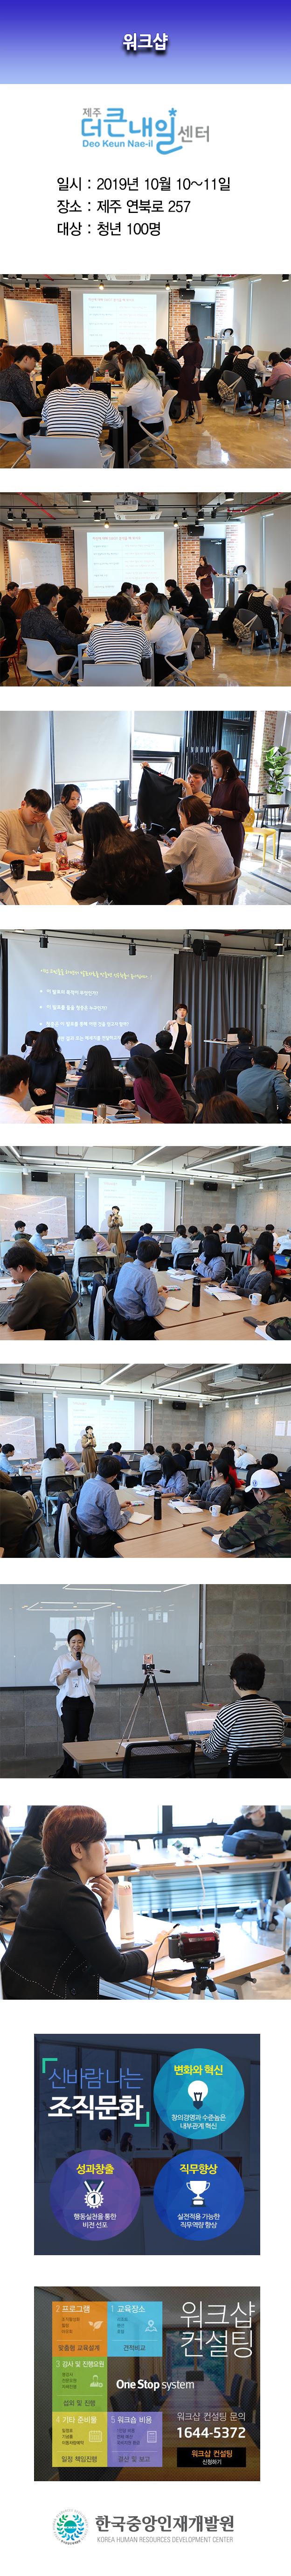 한국중앙인재개발원 공지사항 제주더큰내일센터.jpg